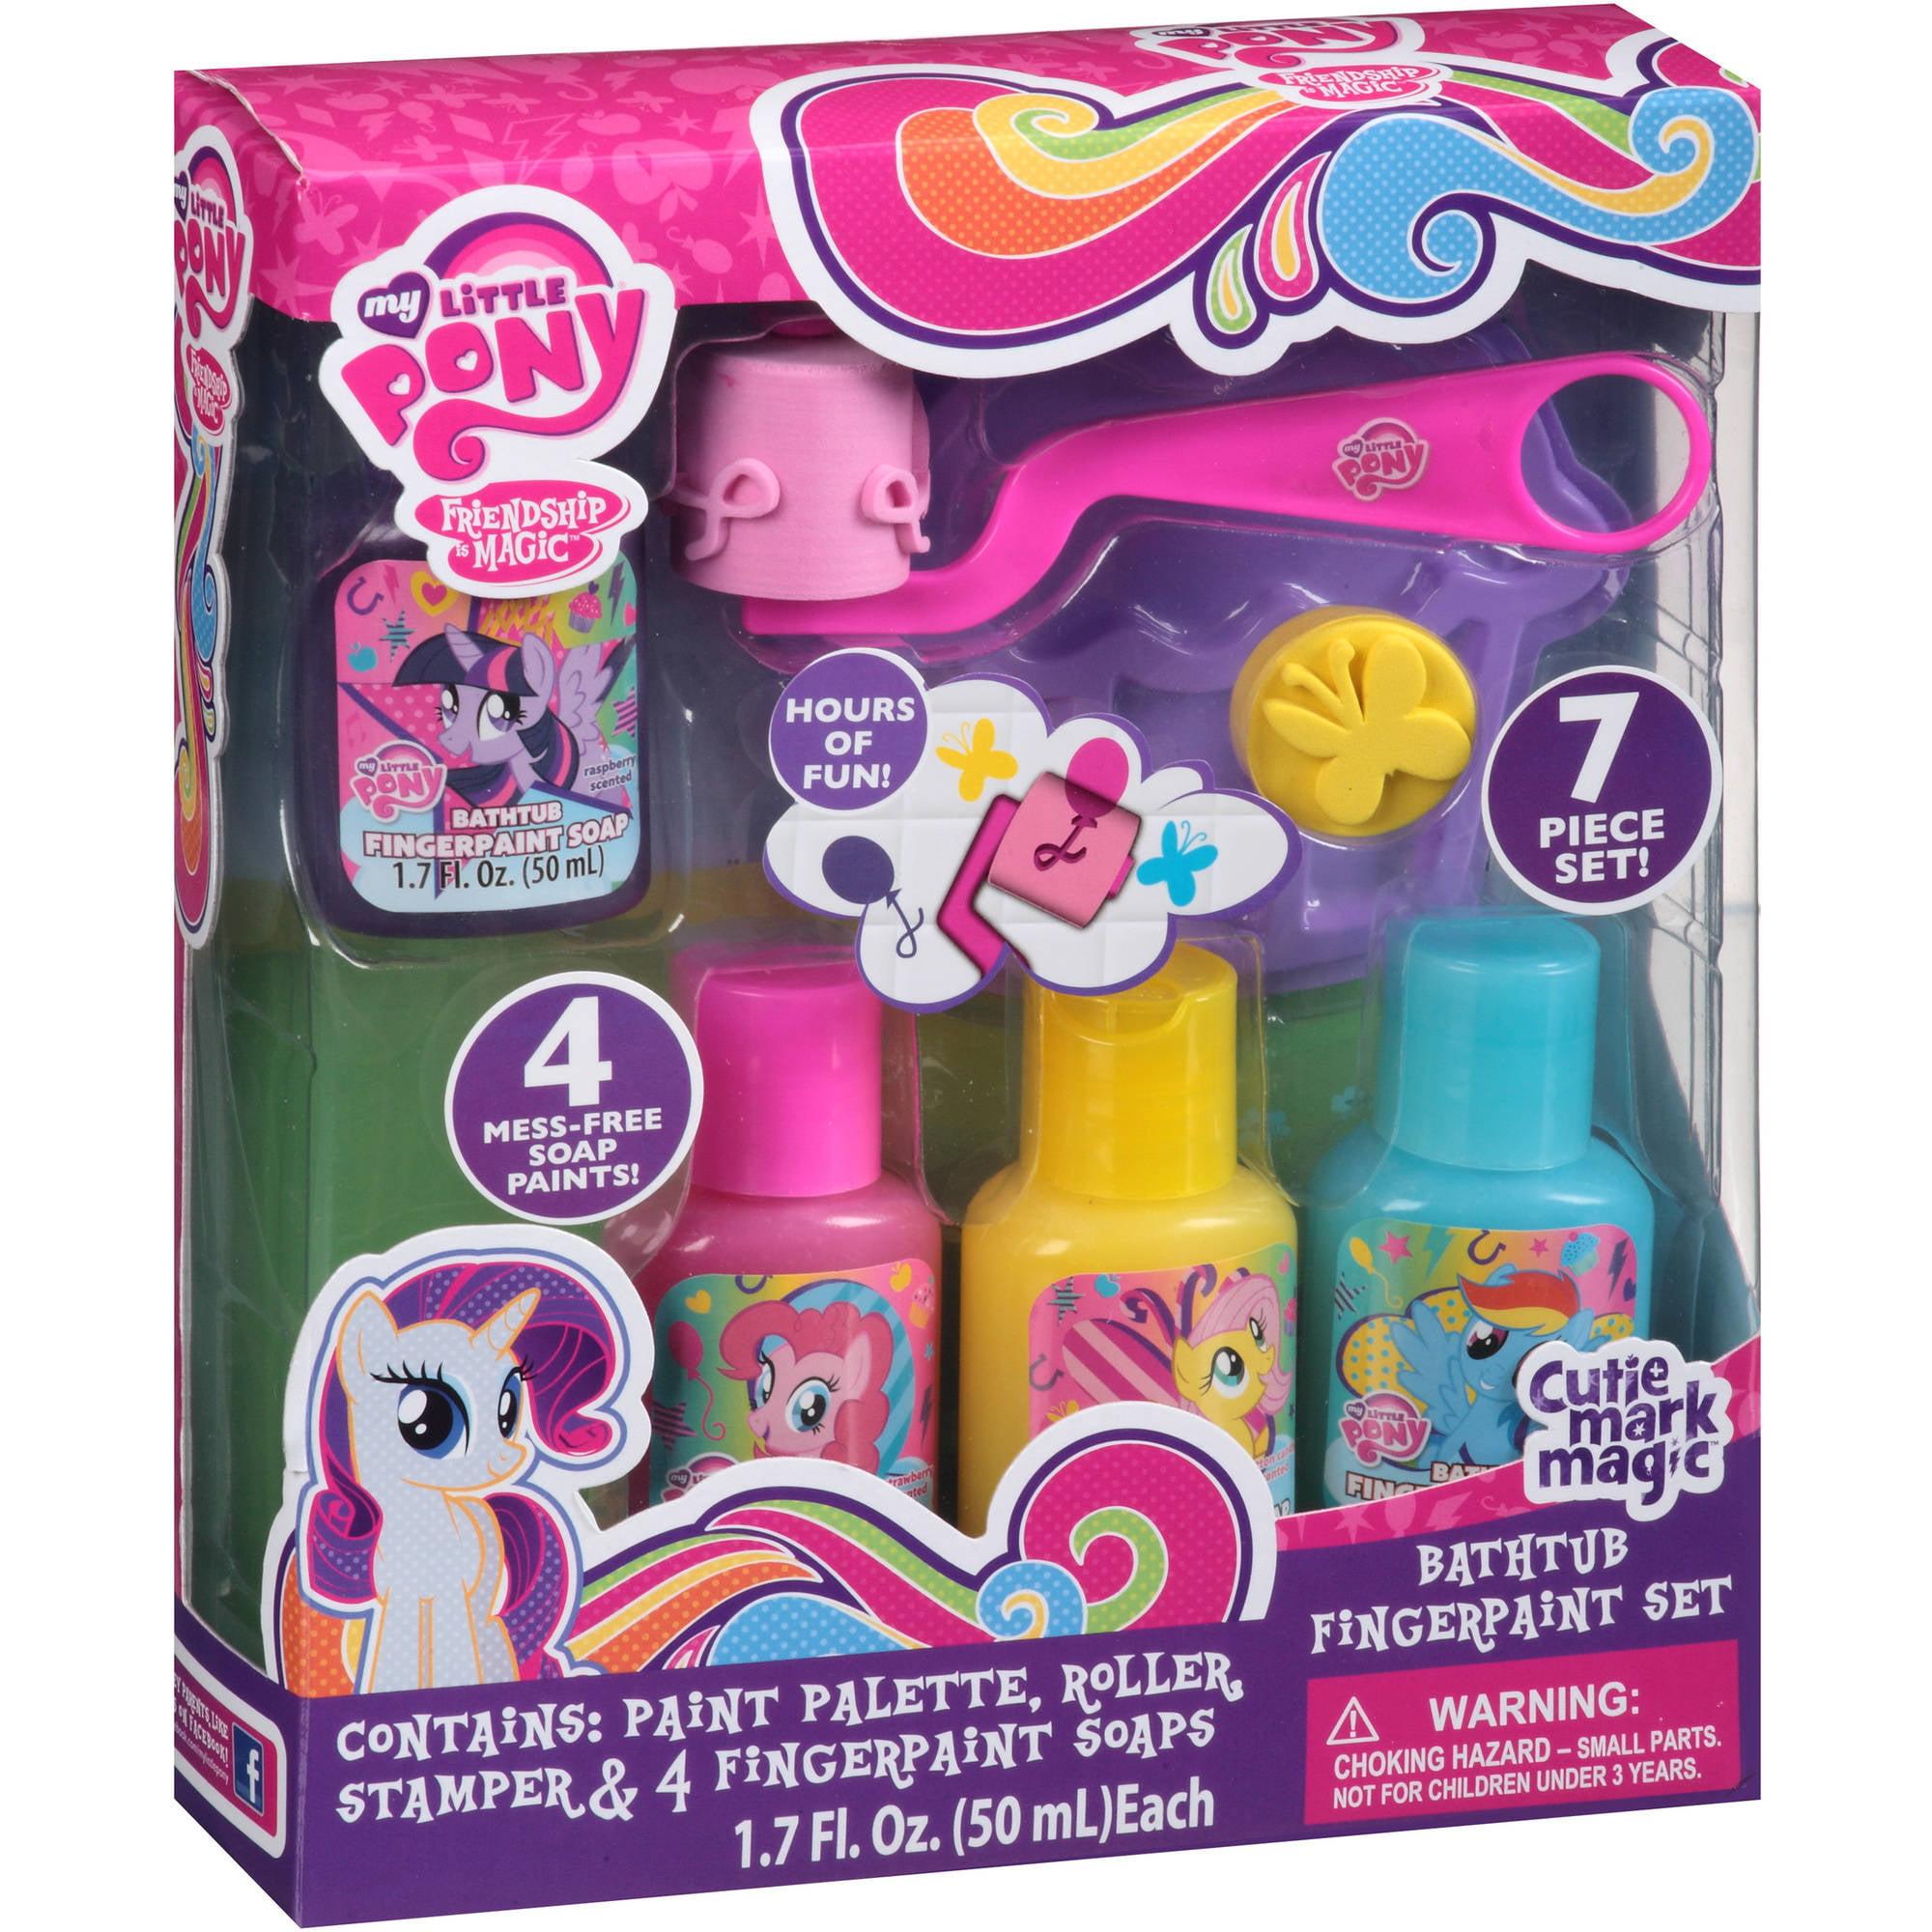 My Little Pony Friendship is Magic Bathtub Fingerpaint Set, 7 pc ...